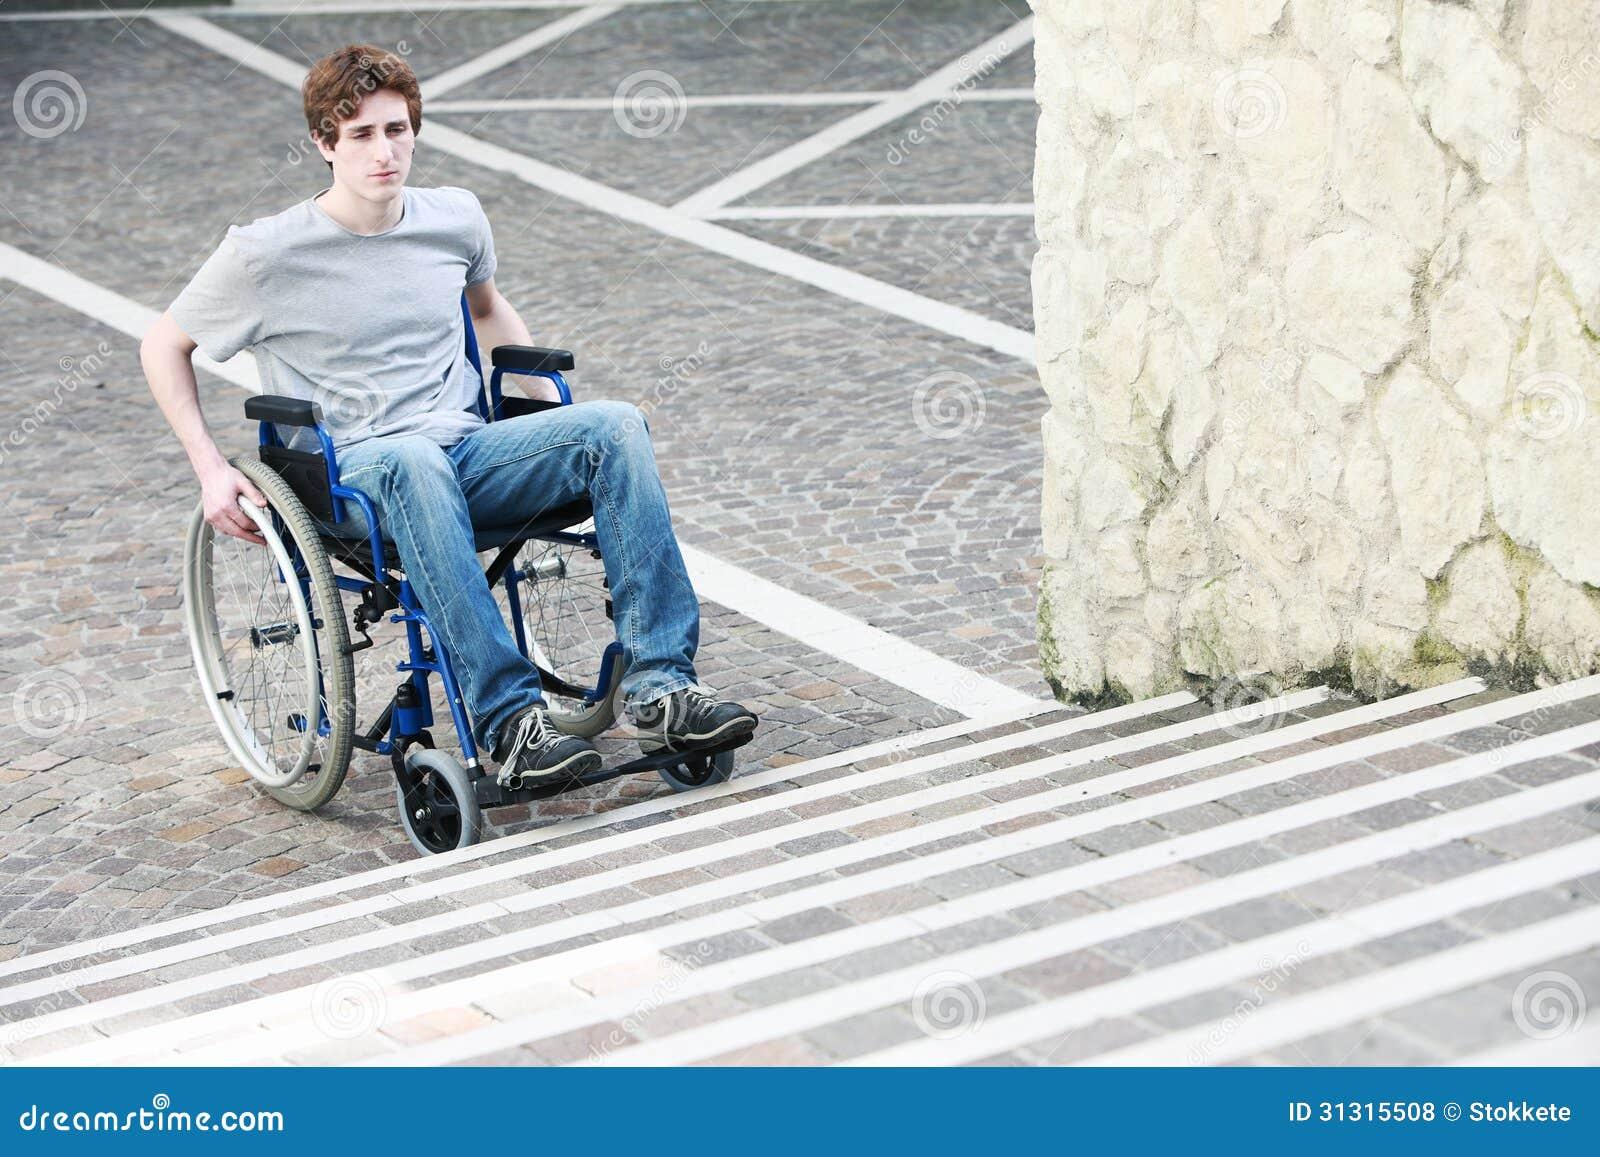 Scale inaccessibili della sedia a rotelle fotografie stock for Uomo sulla sedia a rotelle